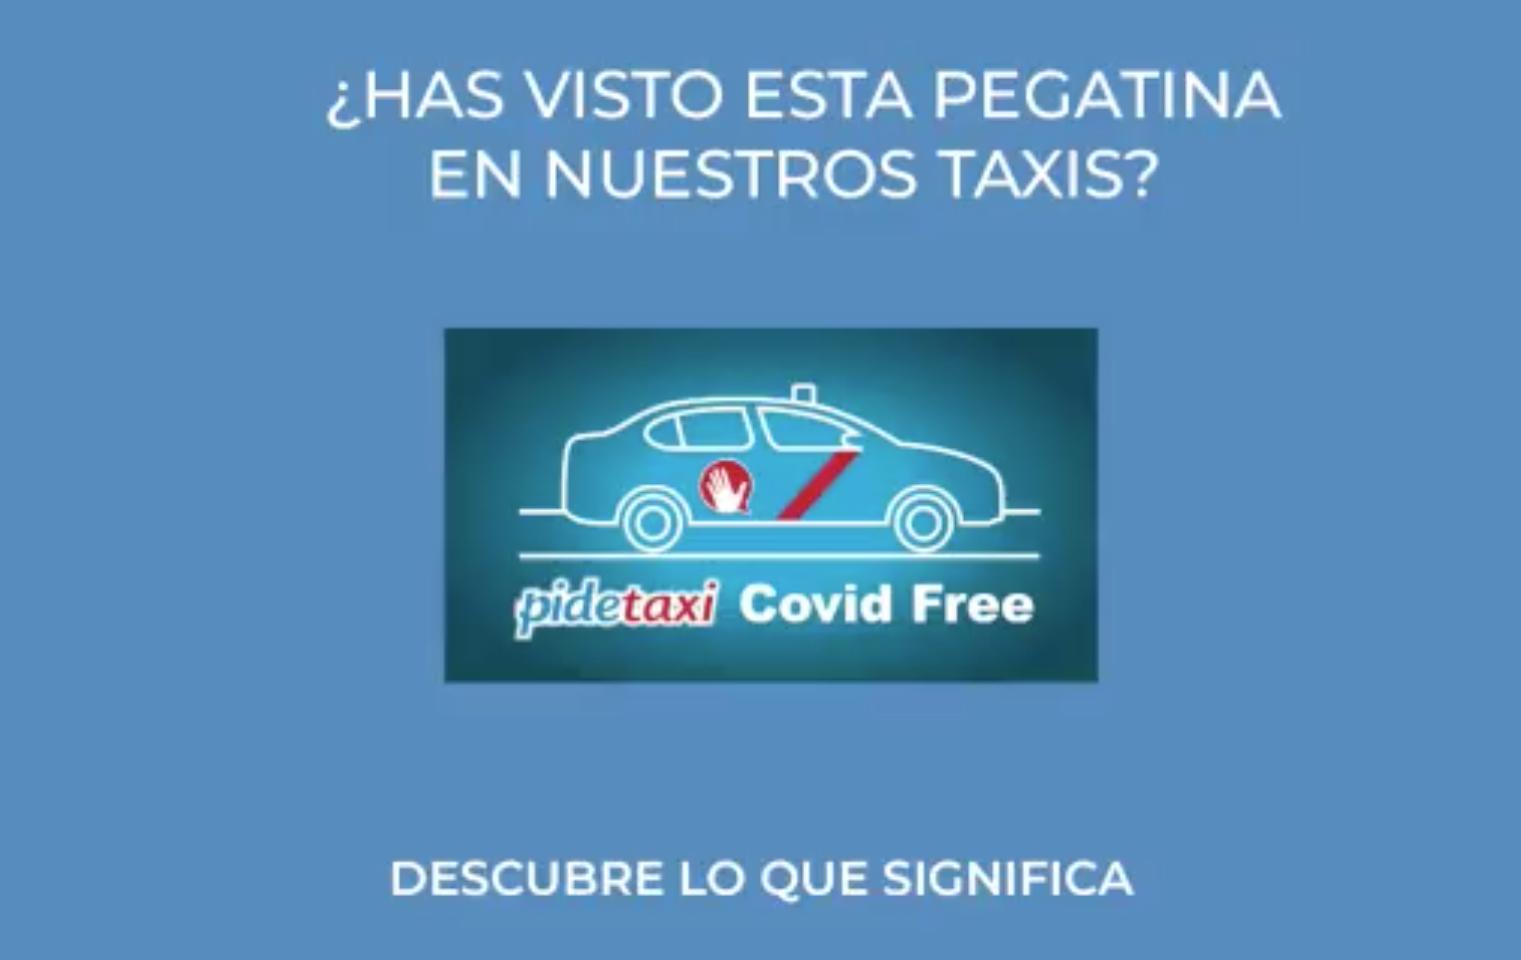 RTT y Tele Taxi, juntas en Pidetaxi